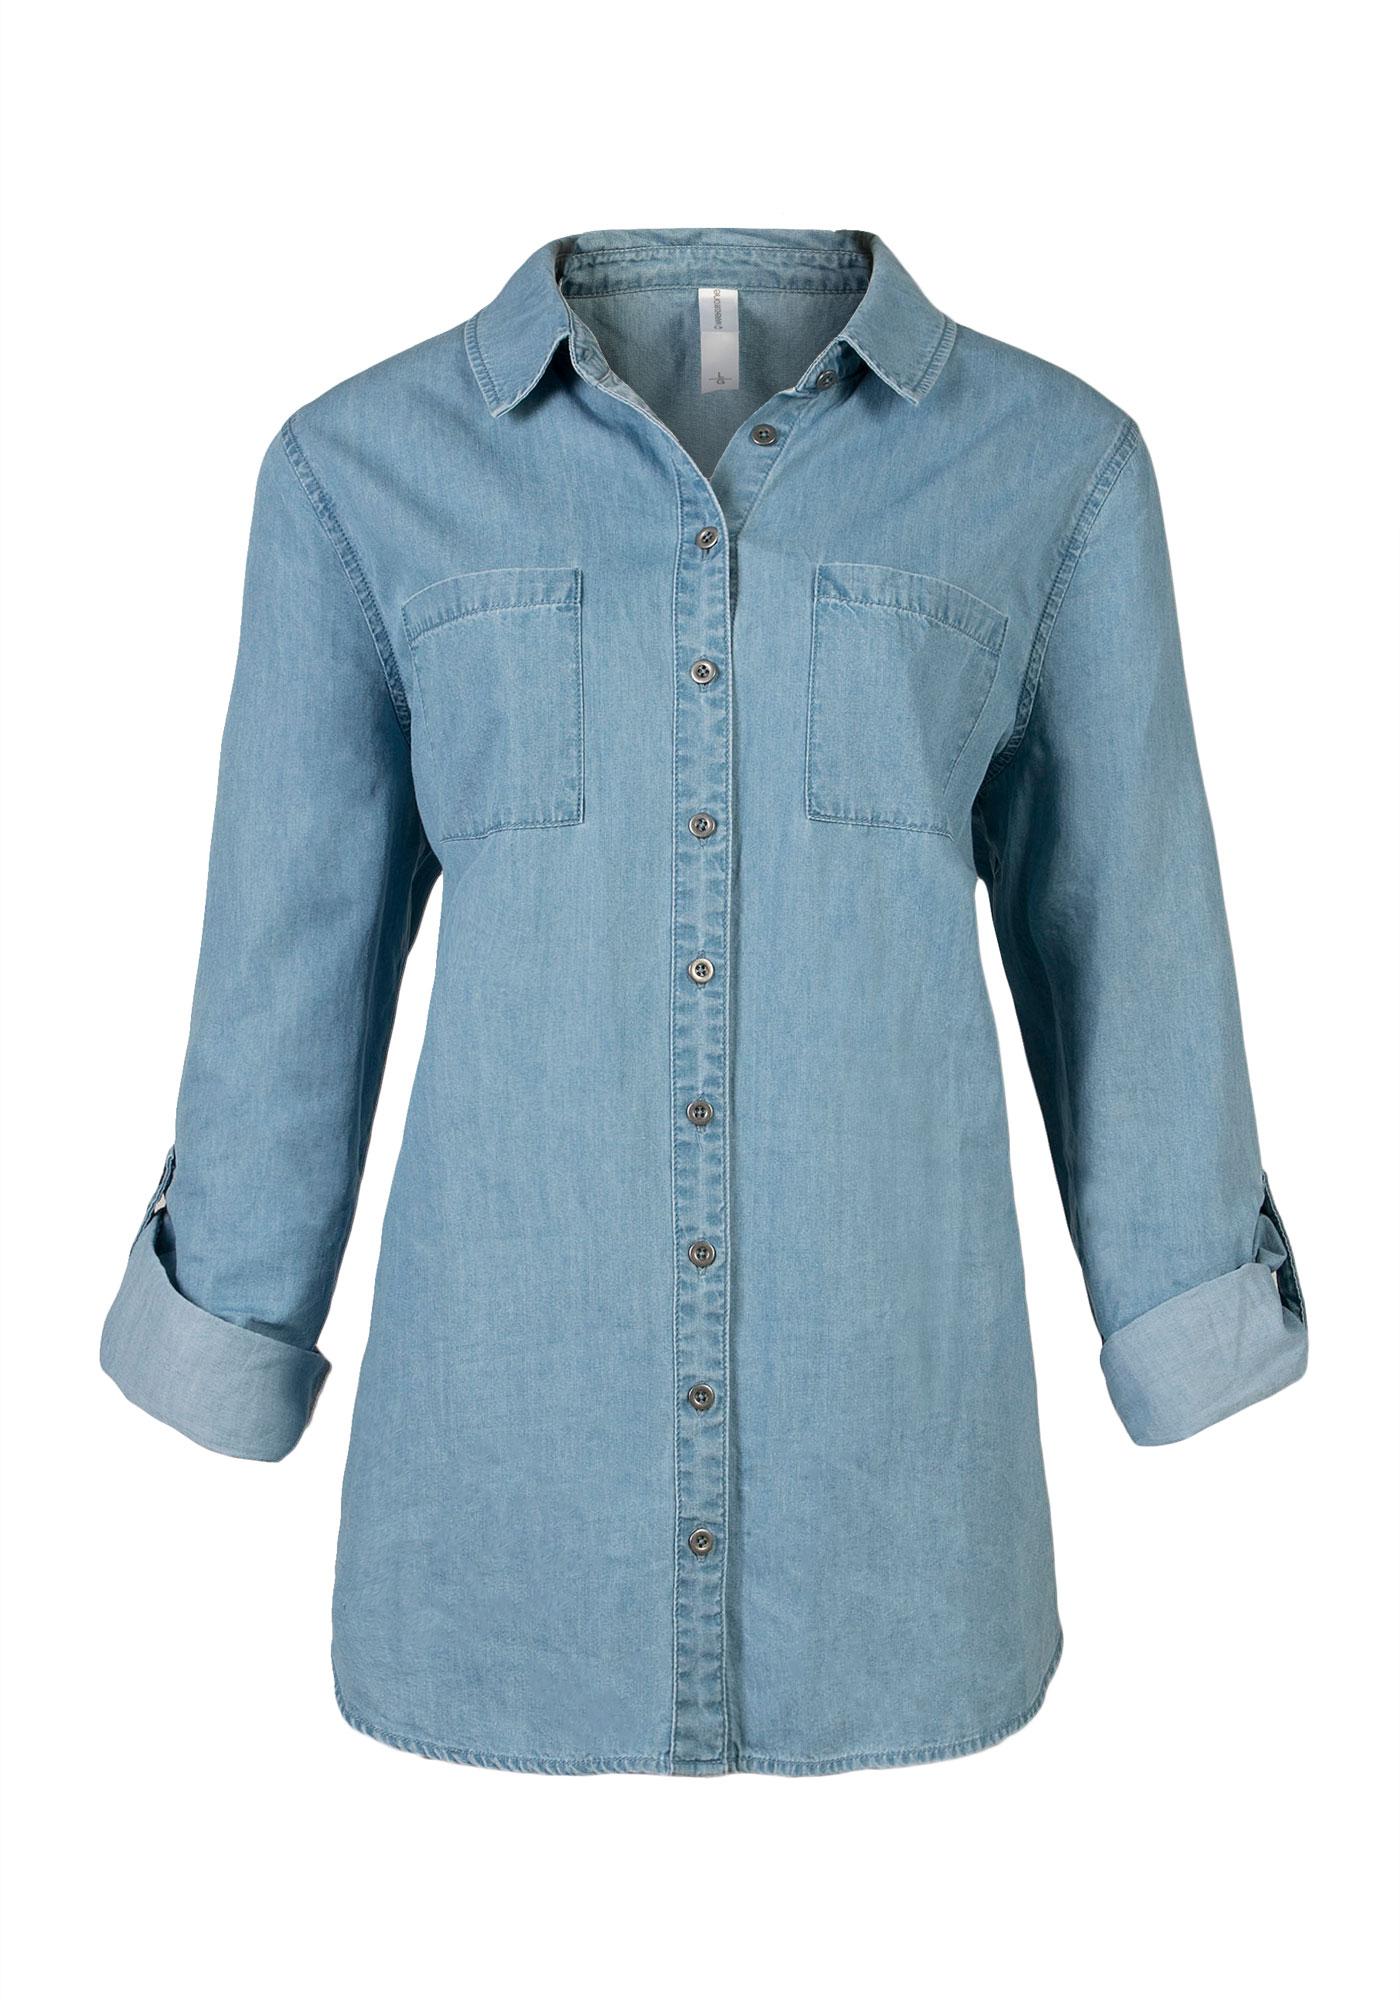 696b8eb7b5f Ladies  Chambray Shirt